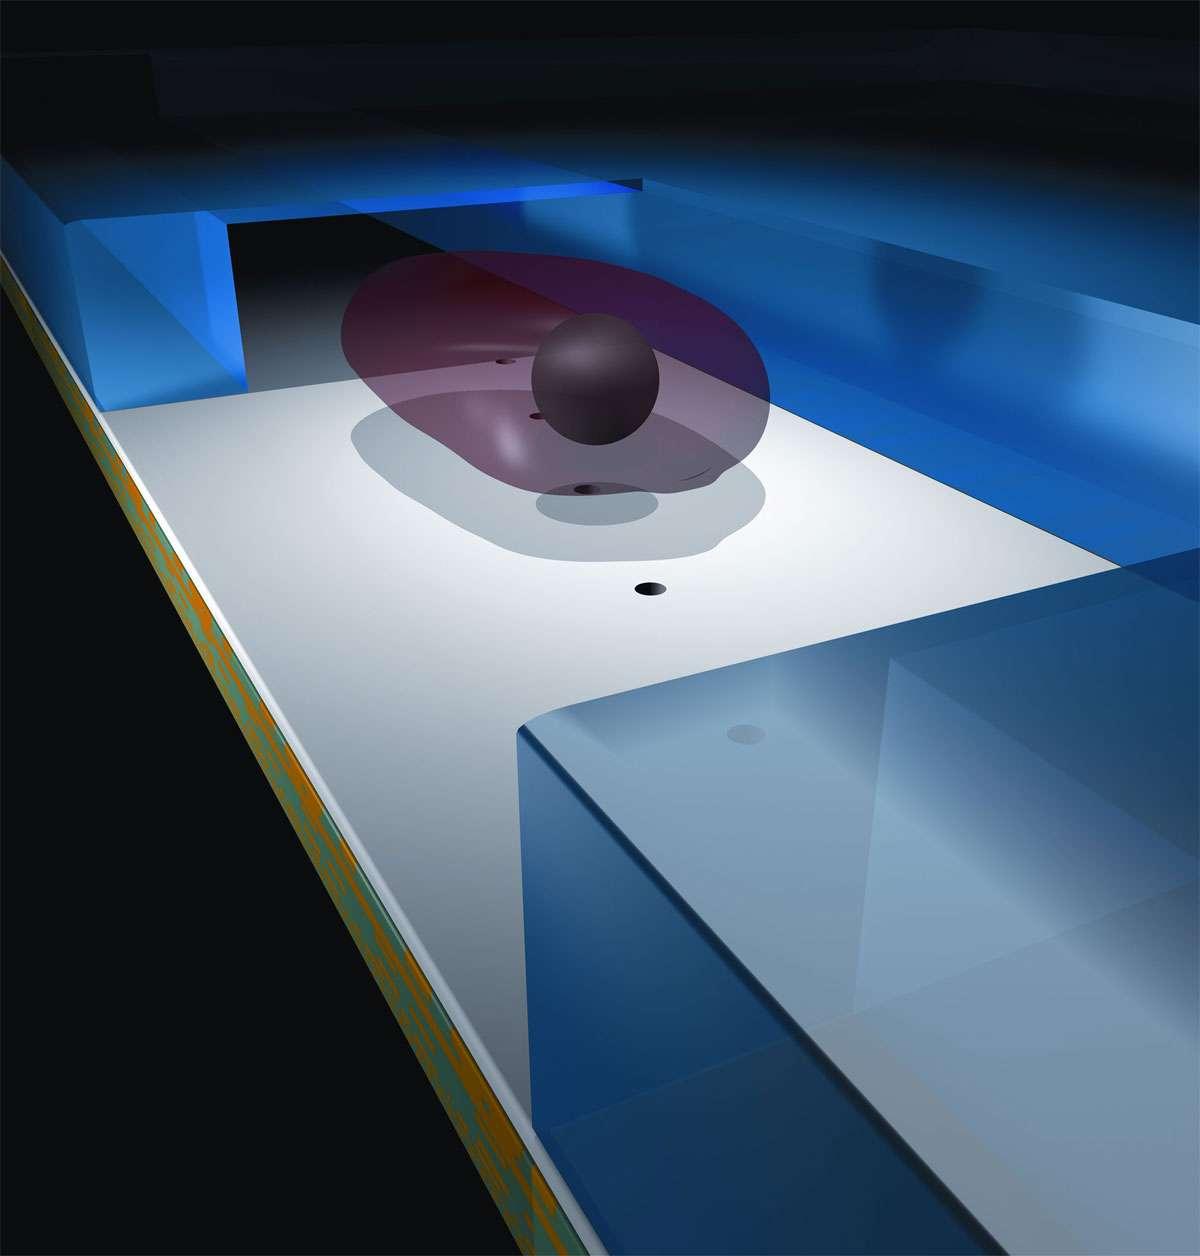 Schéma du tunnel dans lequel l'échantillon (l'objet violet) est emporté, passant au-dessus des trous (points noirs) qui surmontent les éléments photosensibles. © Changhuei Yang